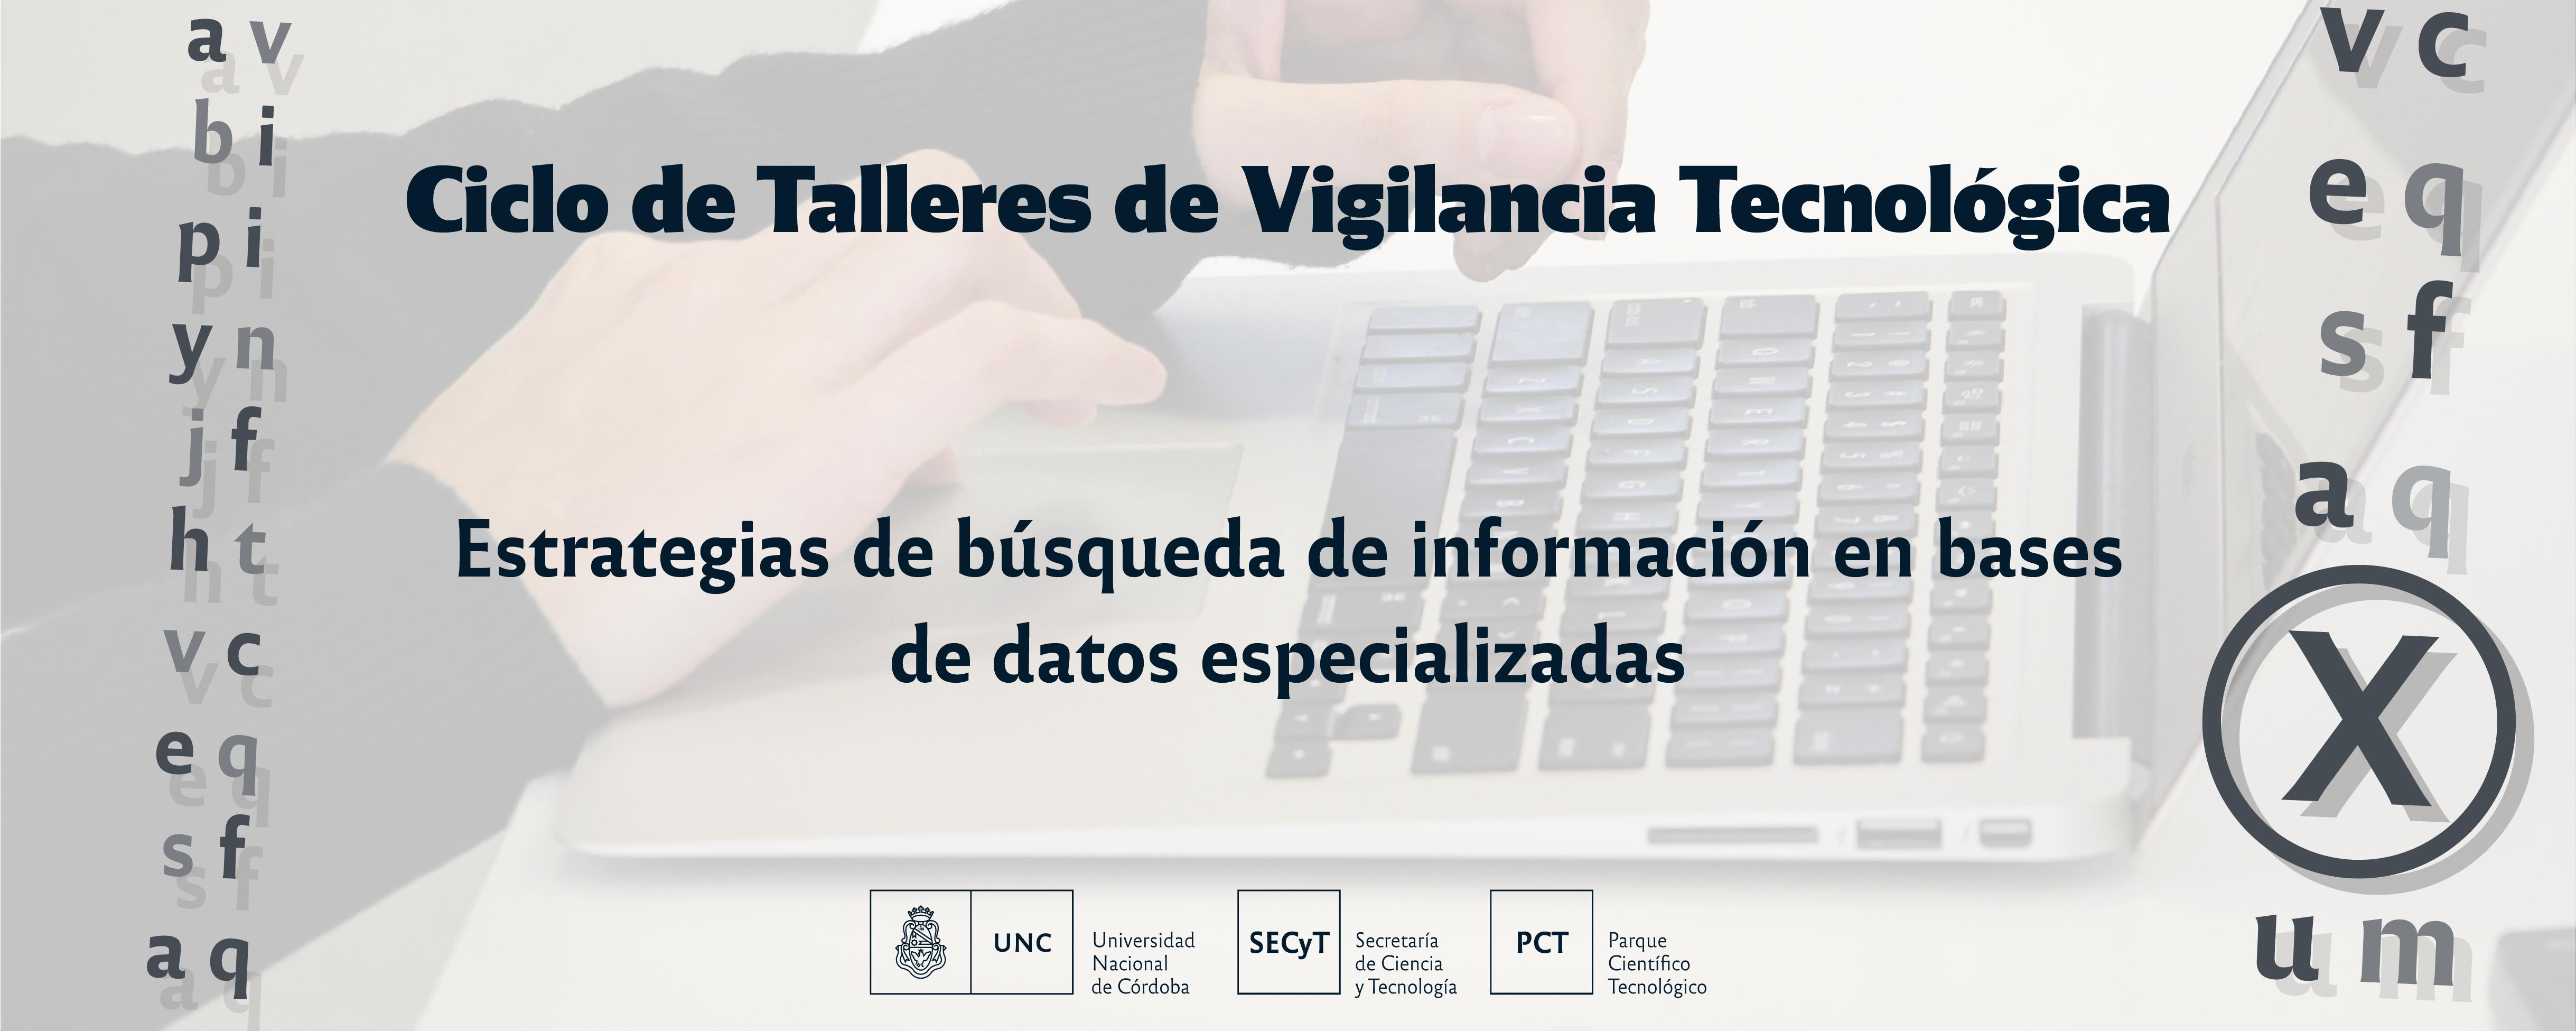 Ciclo talleres de vigilancia tecnológica